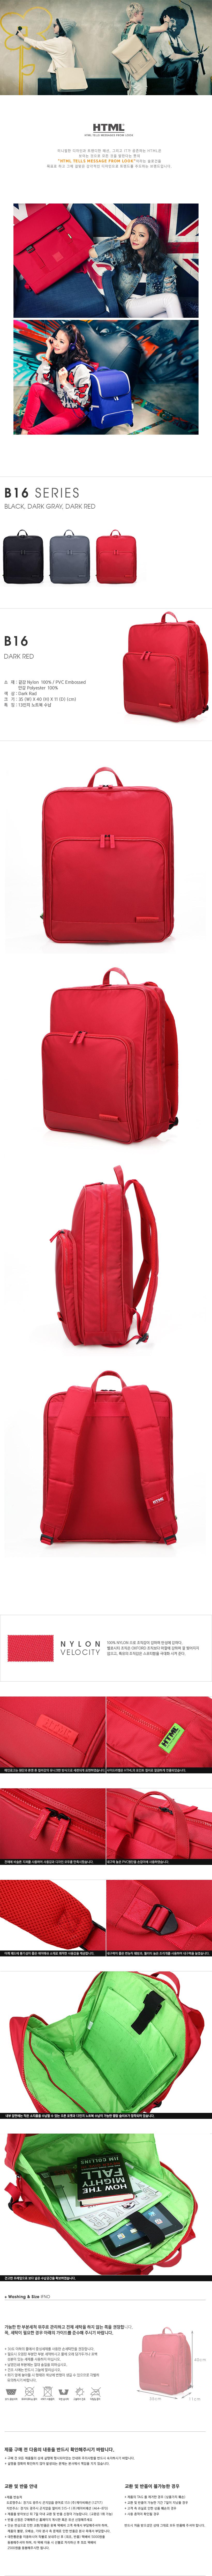 [에이치티엠엘]HTML - B16 Backpack (Dark Red)_백팩